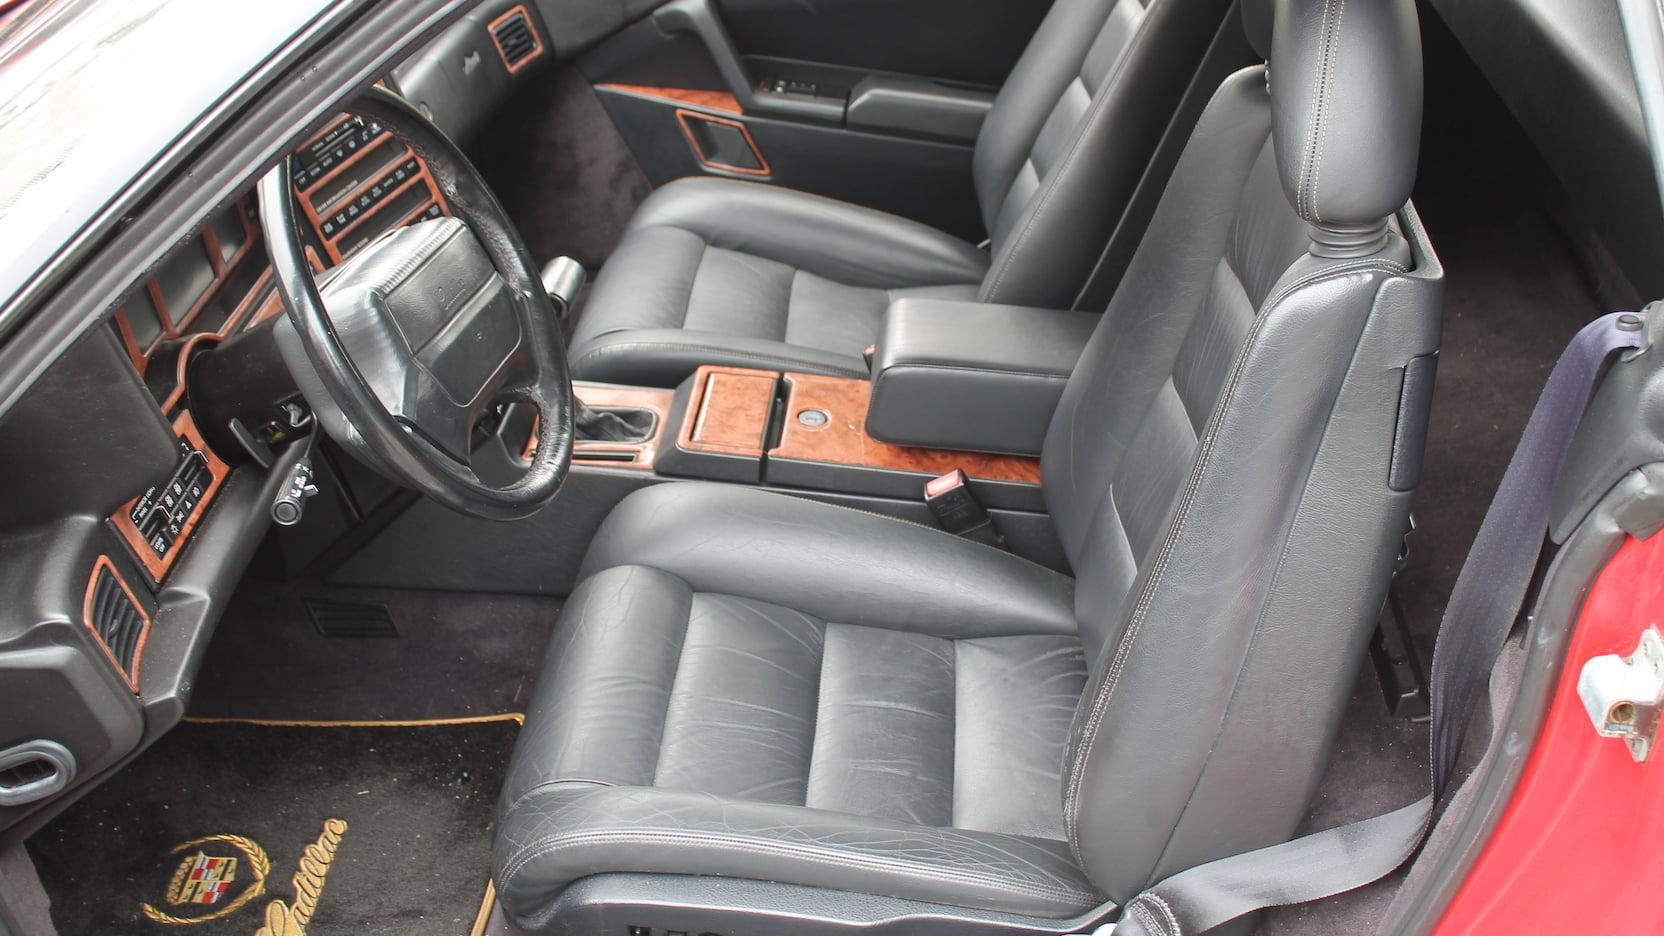 1992 Cadillac Allante interior